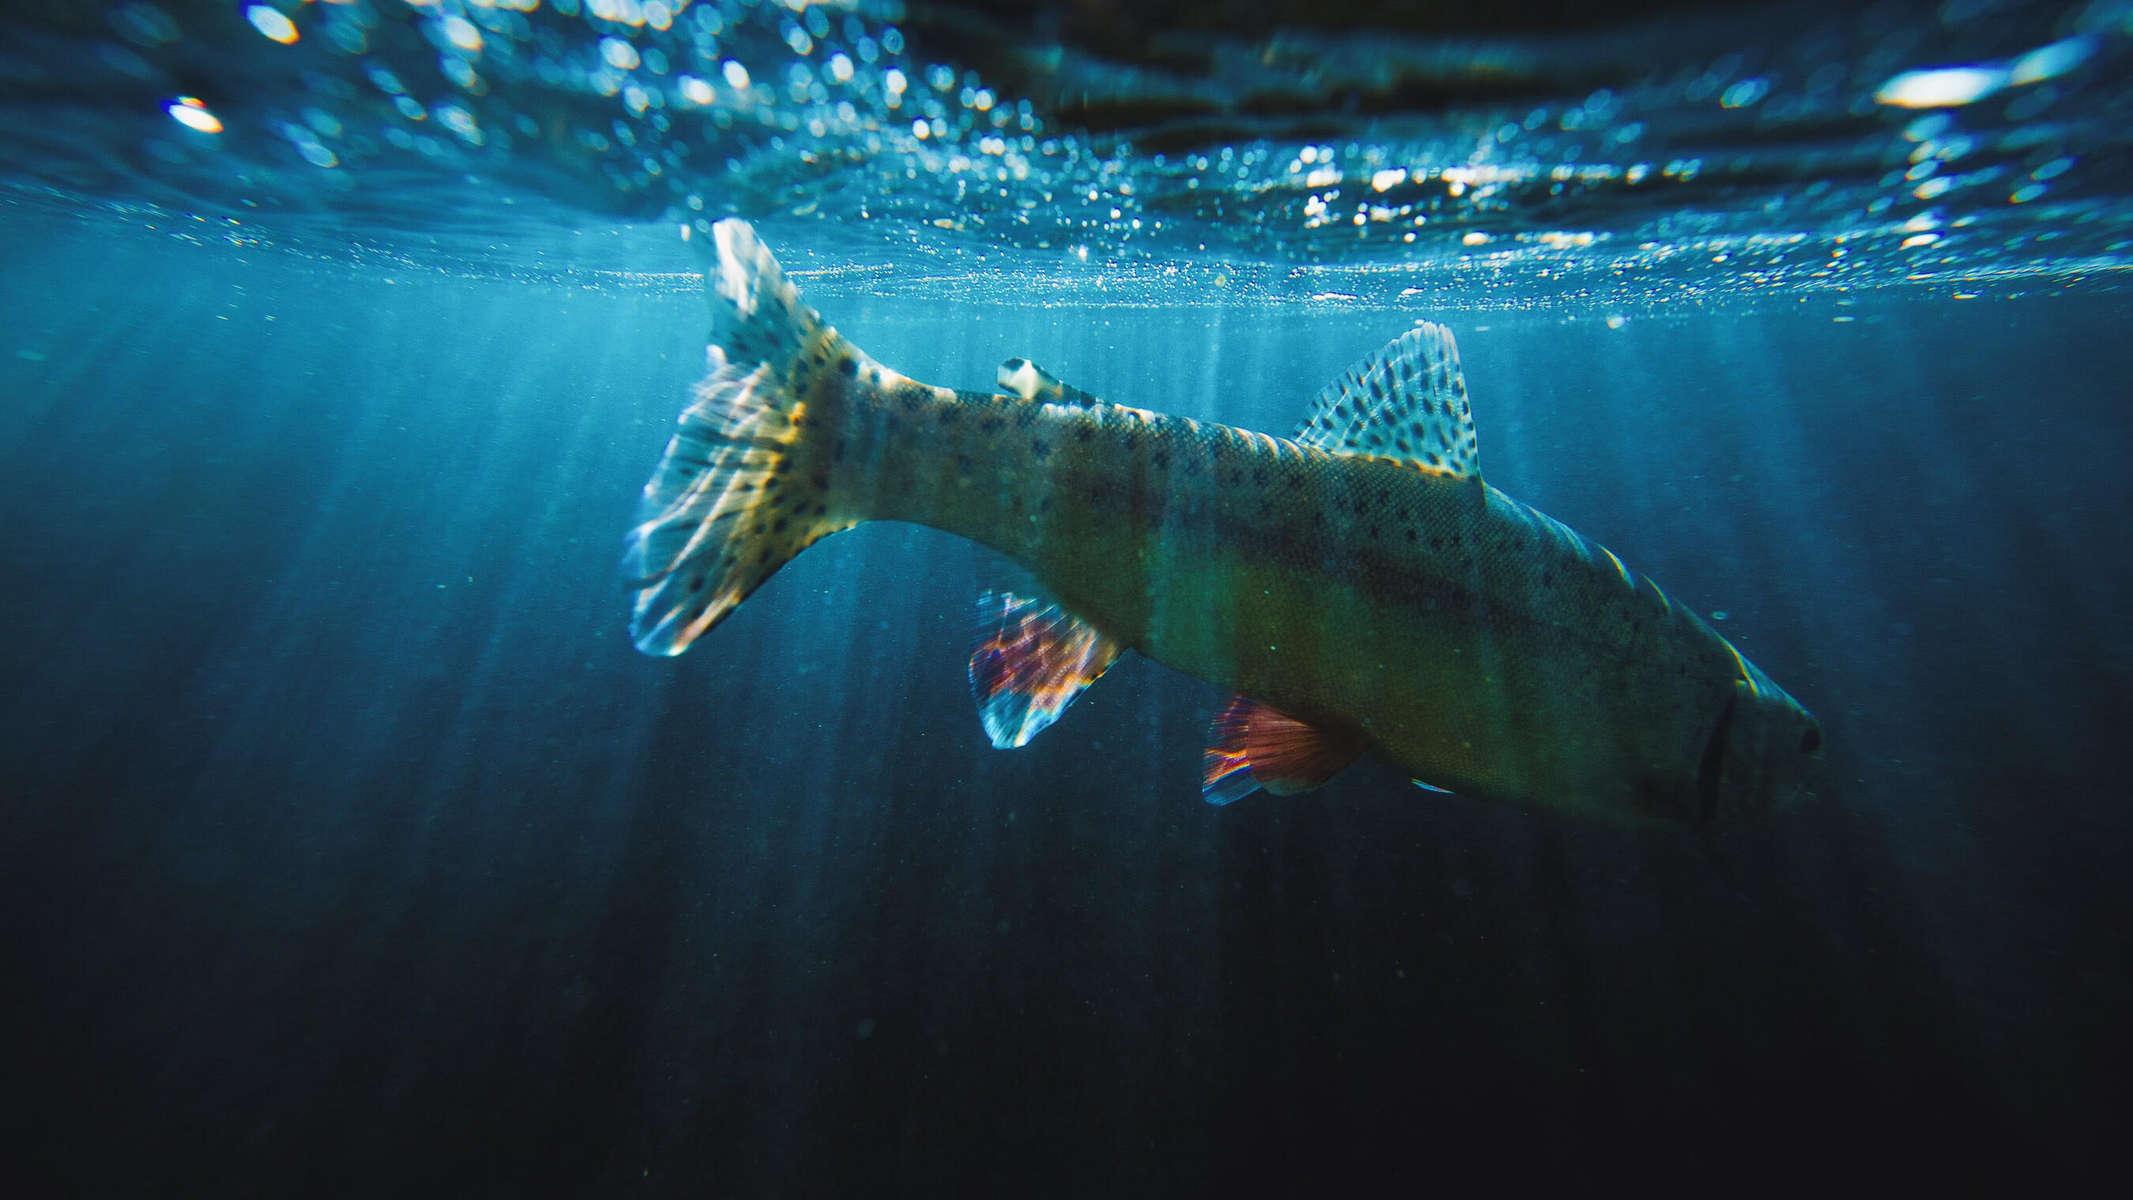 _-wild-rainbow-trout-virginia